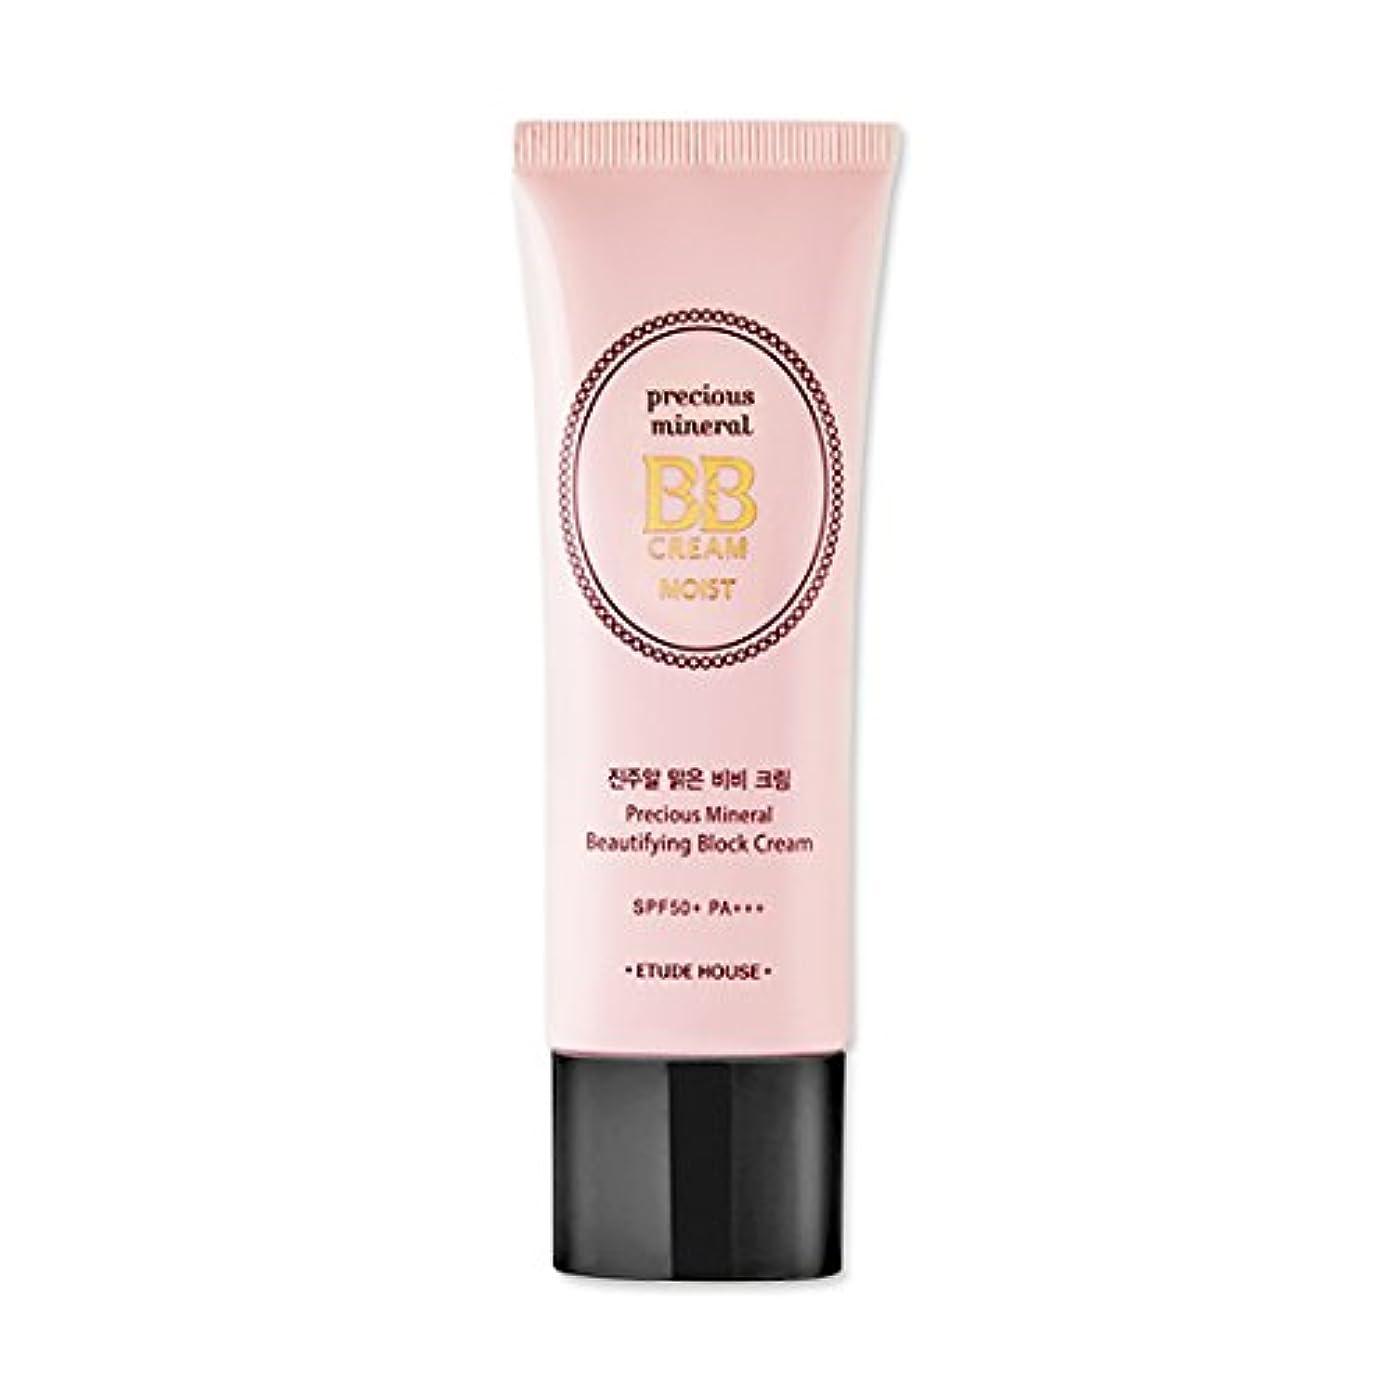 クラブ先史時代のおとなしい[New] ETUDE HOUSE Precious Mineral BB Cream * Moist * 45g/エチュードハウス プレシャス ミネラル BBクリーム * モイスト * 45g (#Beige) [並行輸入品]